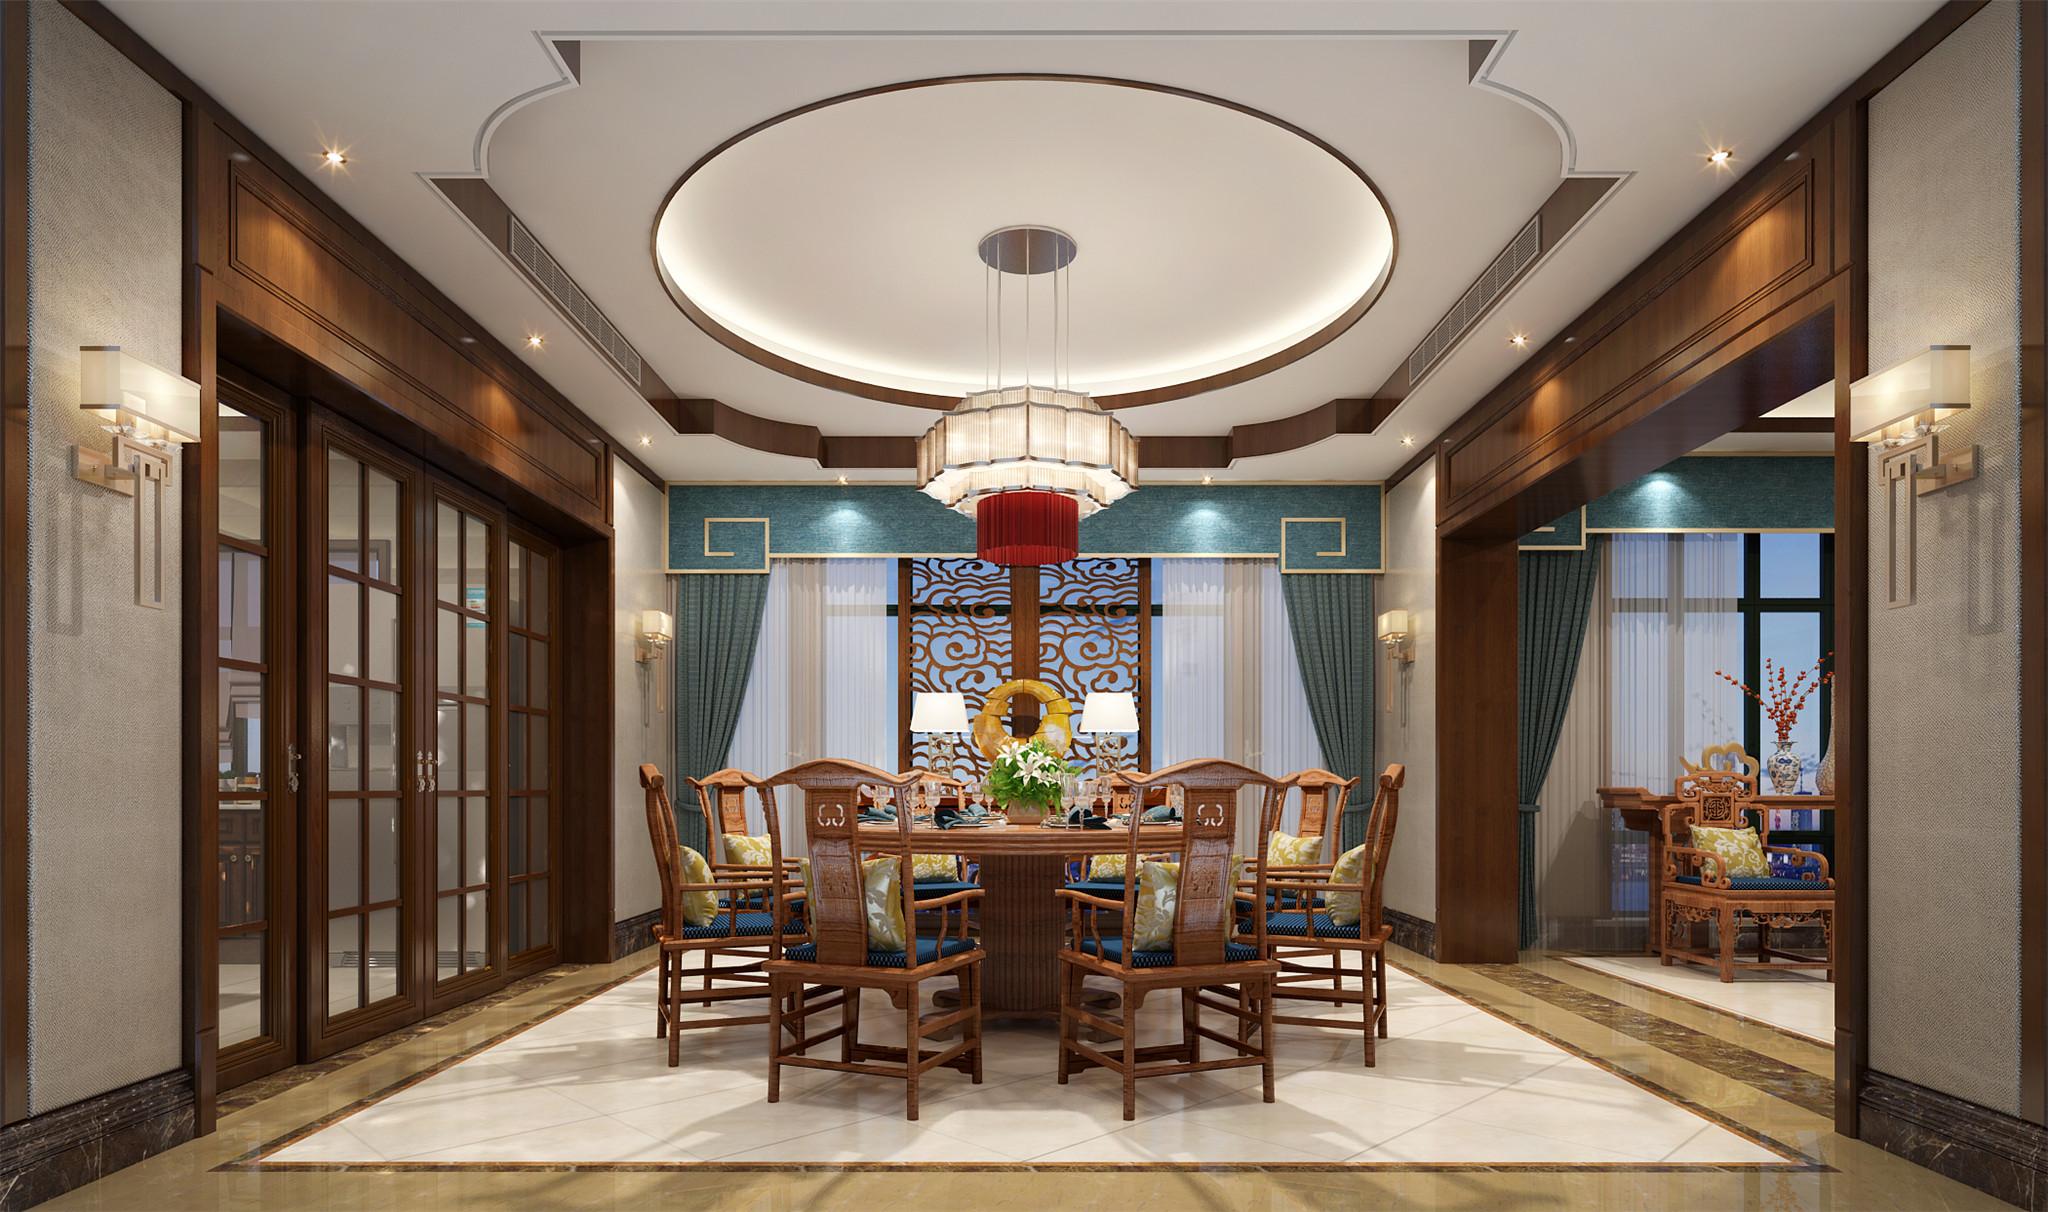 餐厅:古典家具配上棉,麻的墙面饰面材料.